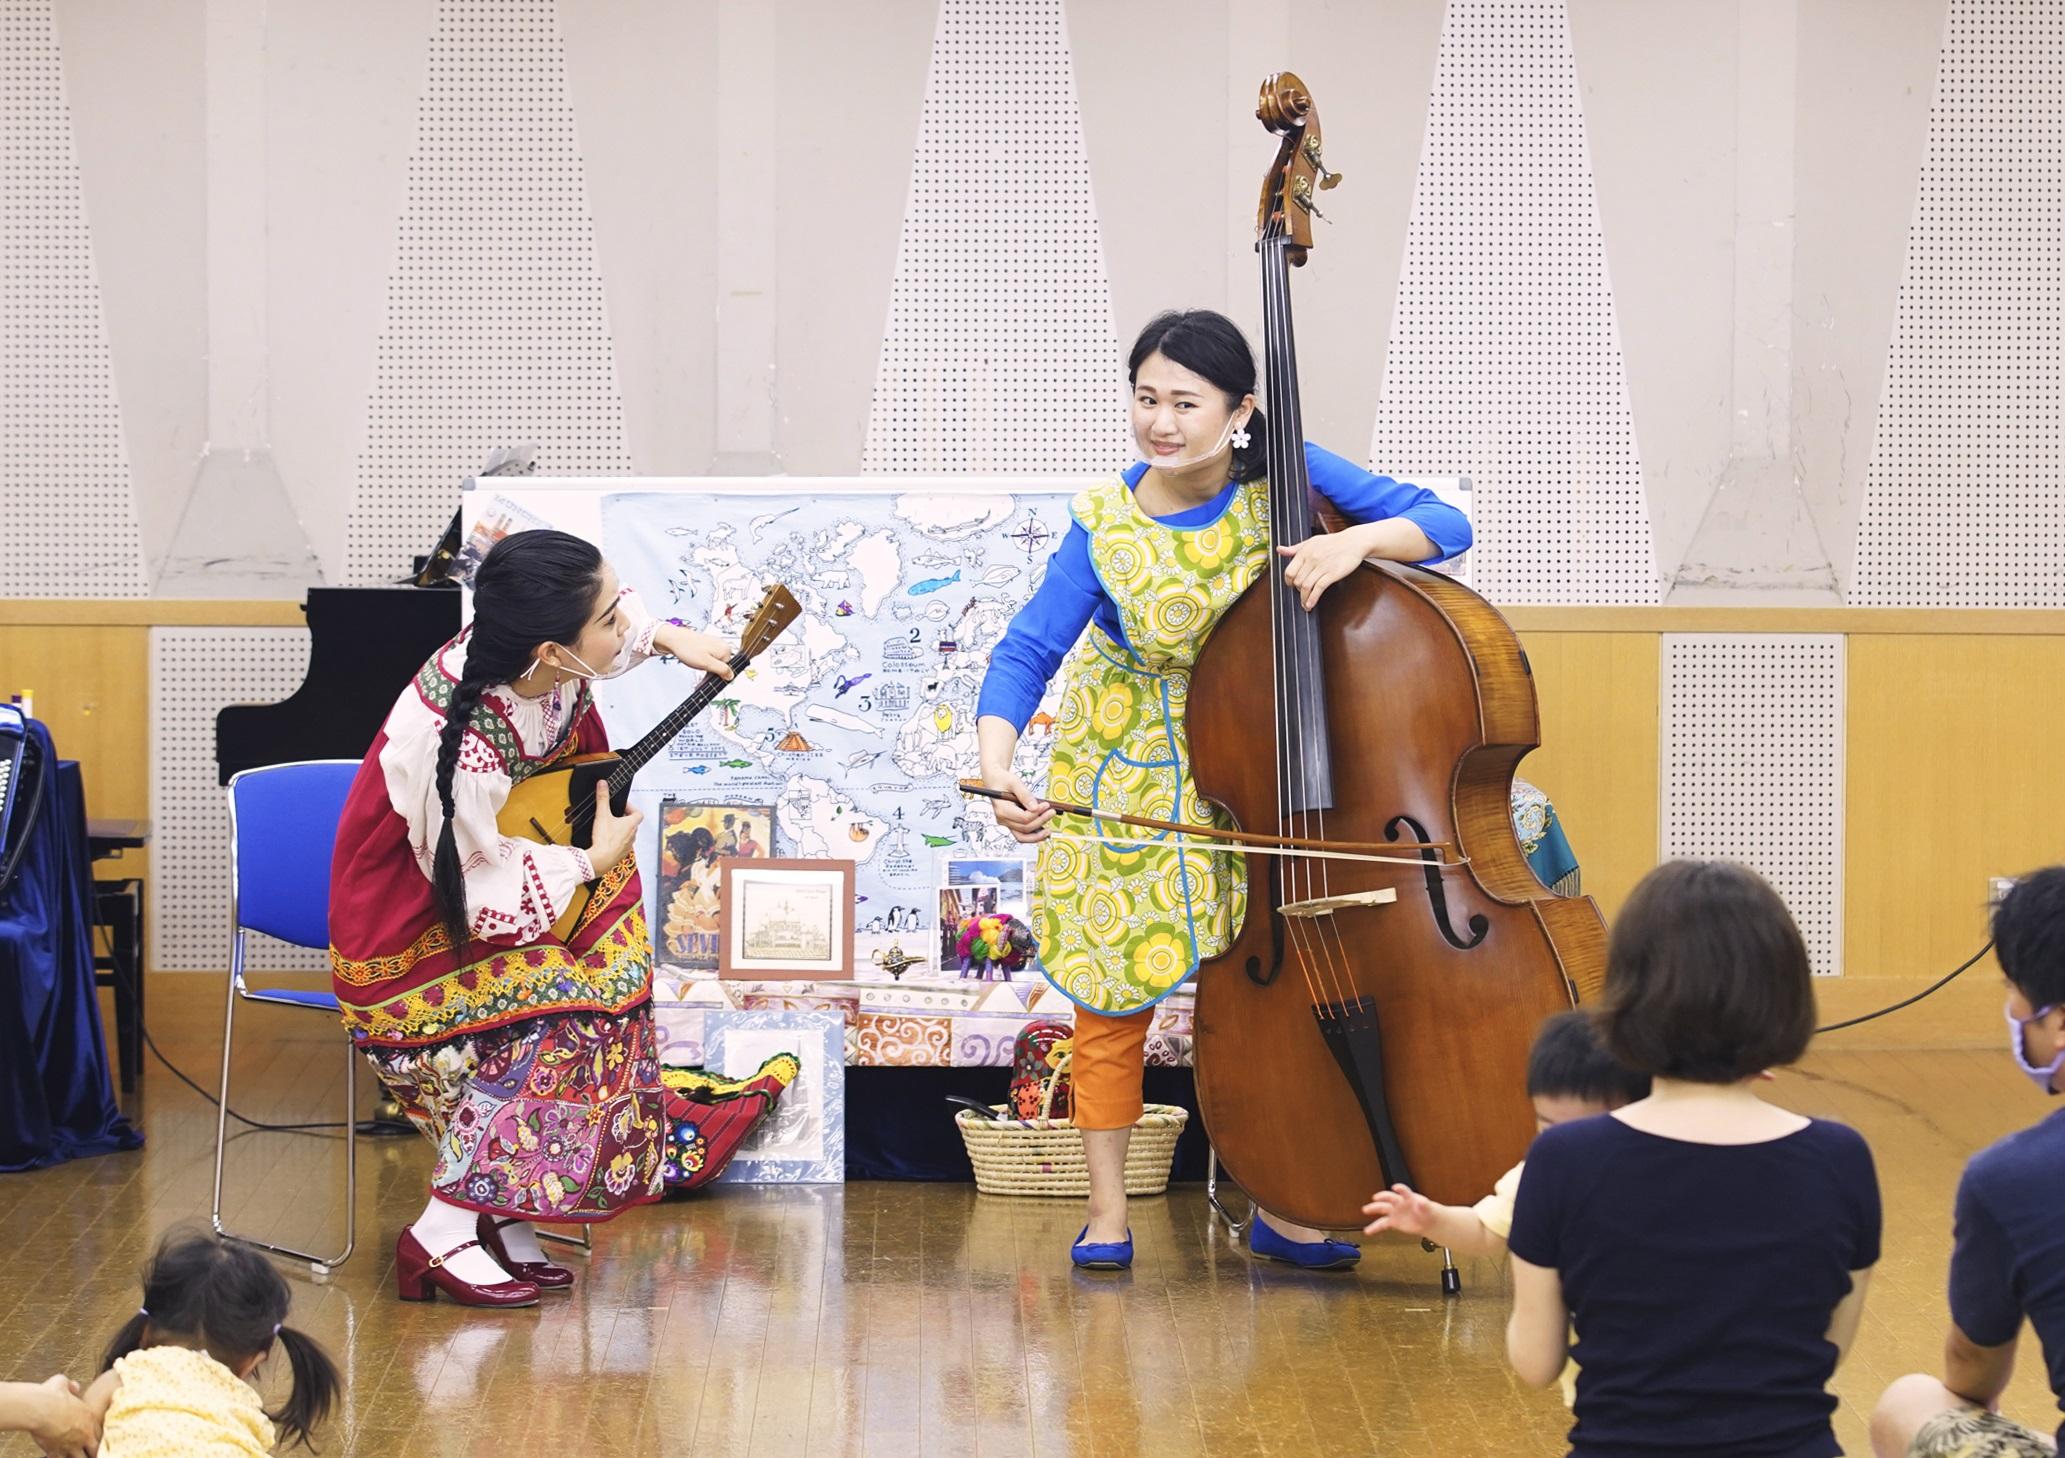 200722_夏フェスタ_サーシャ_6-18か月_文京_(C)MIno Inoue_a トリミング